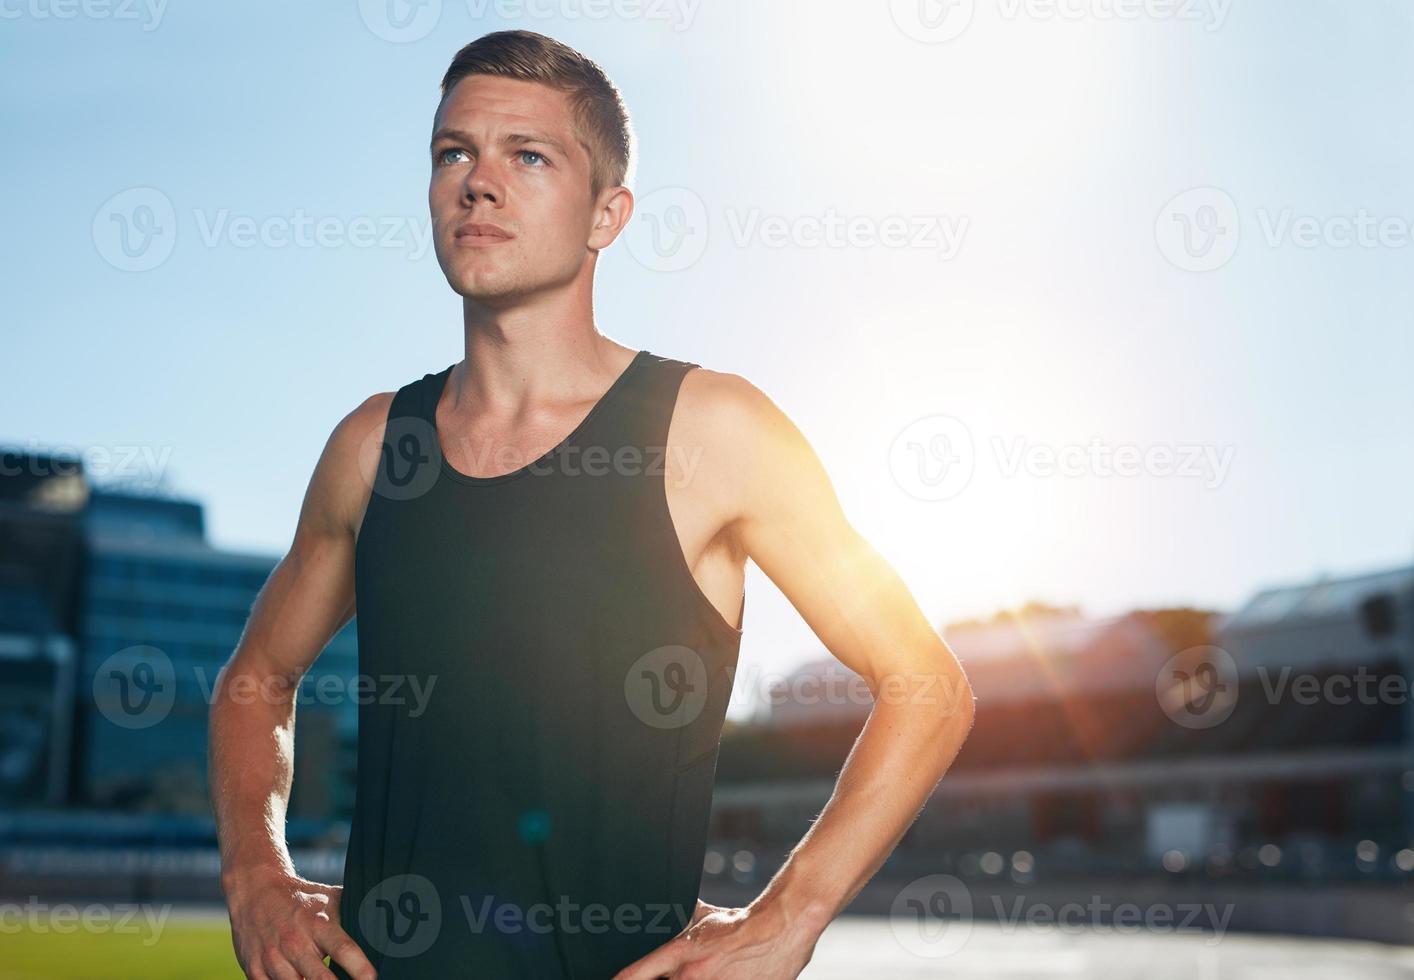 selbstbewusster Läufer auf der Leichtathletik-Rennstrecke foto